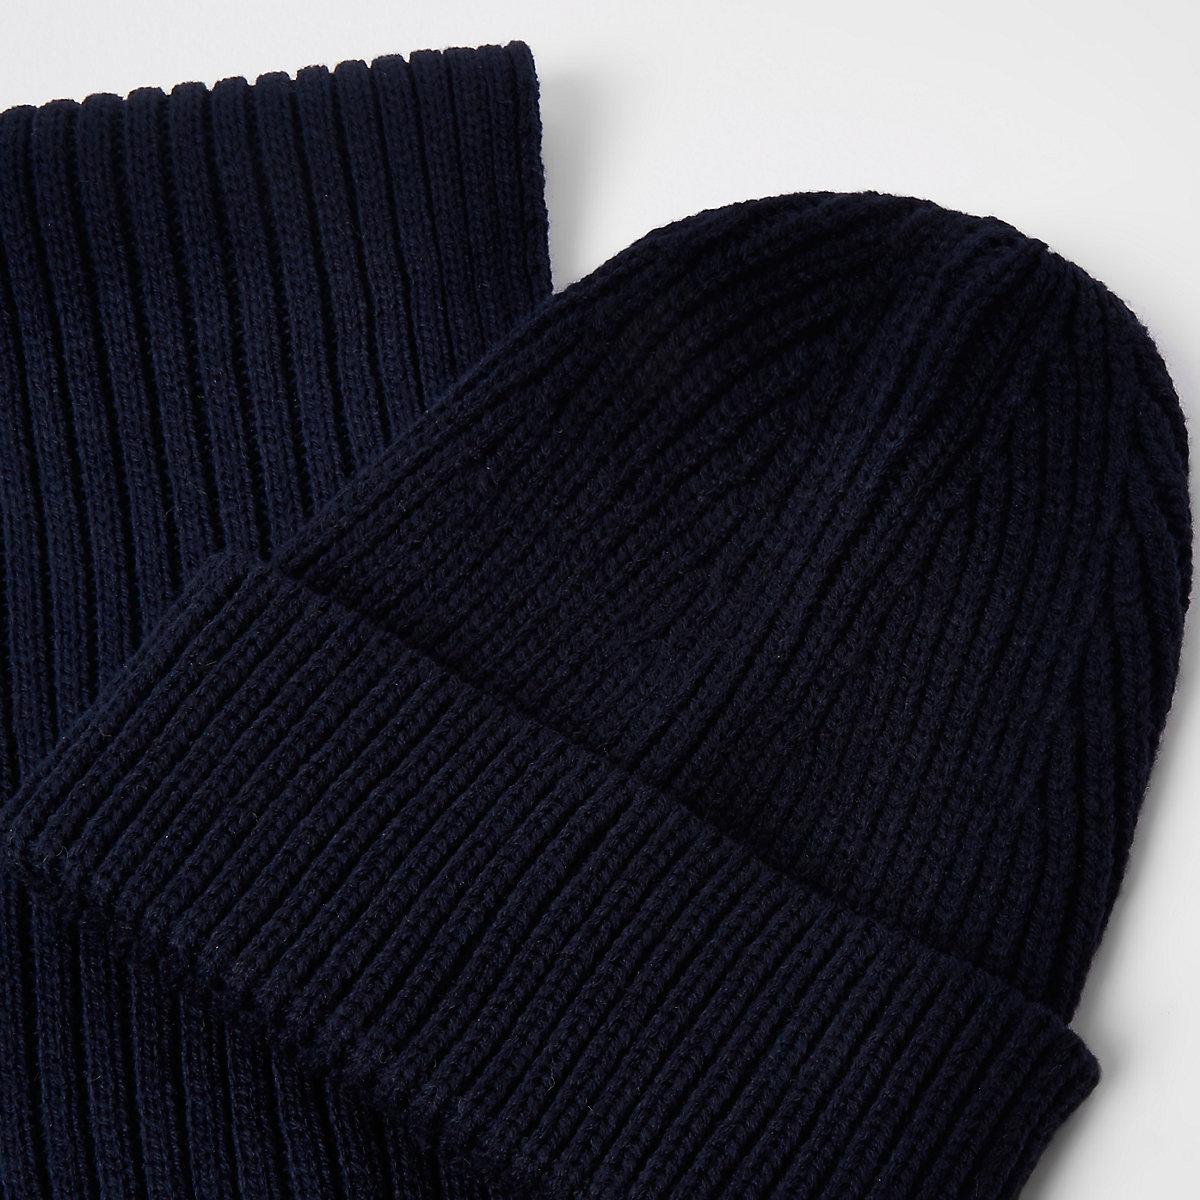 87e87bcbc1b0 Ensemble bonnet et écharpe bleu marine côtelés - Chapeaux casquettes ...